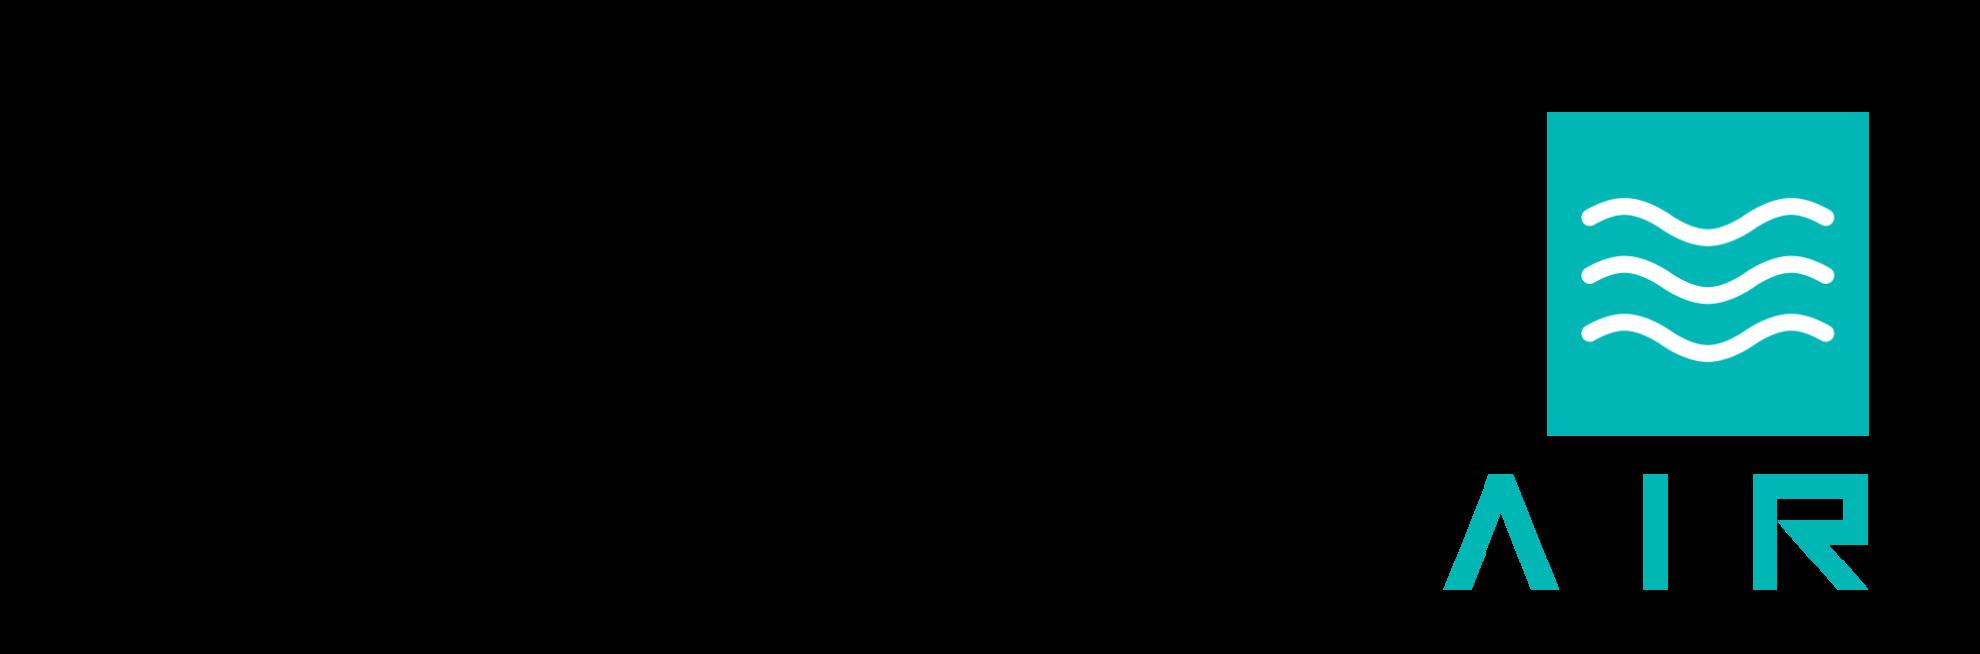 WIBA AIR logo II 1980x654 1